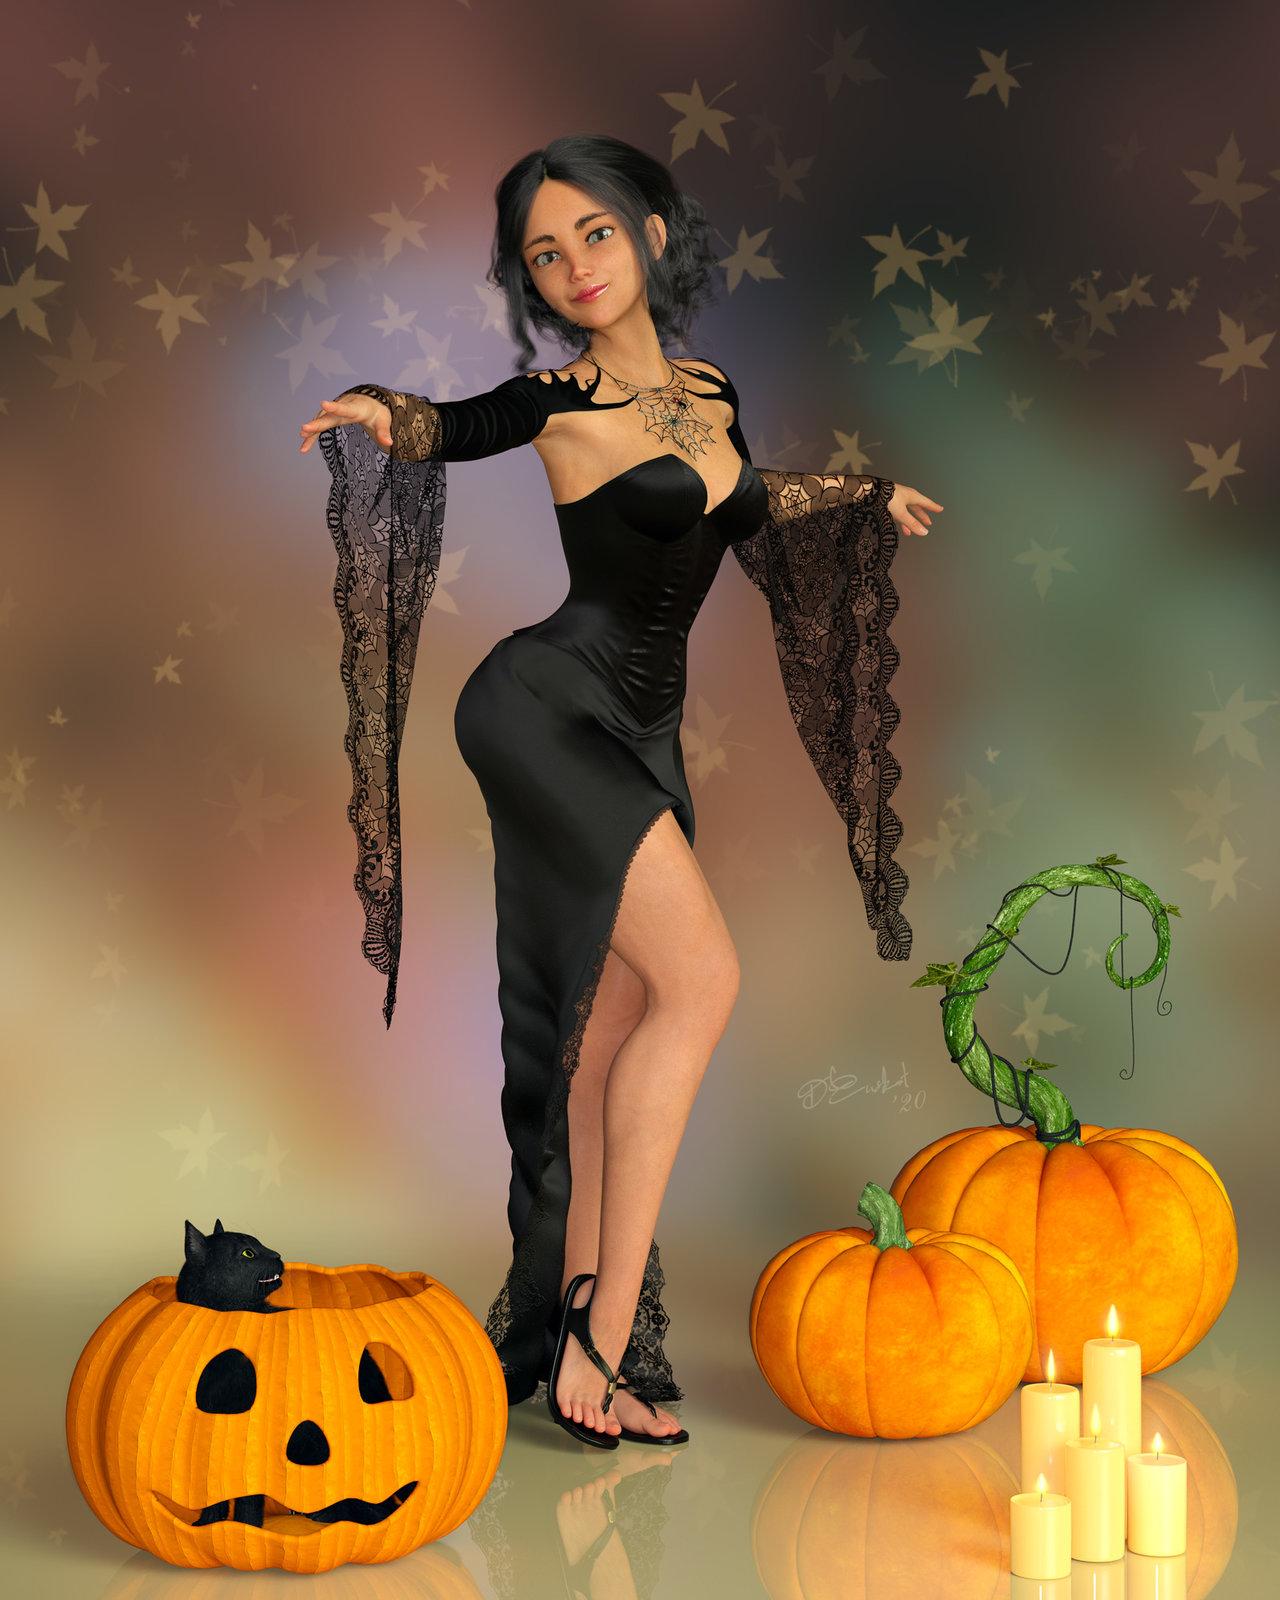 pumpkins20201022.jpg